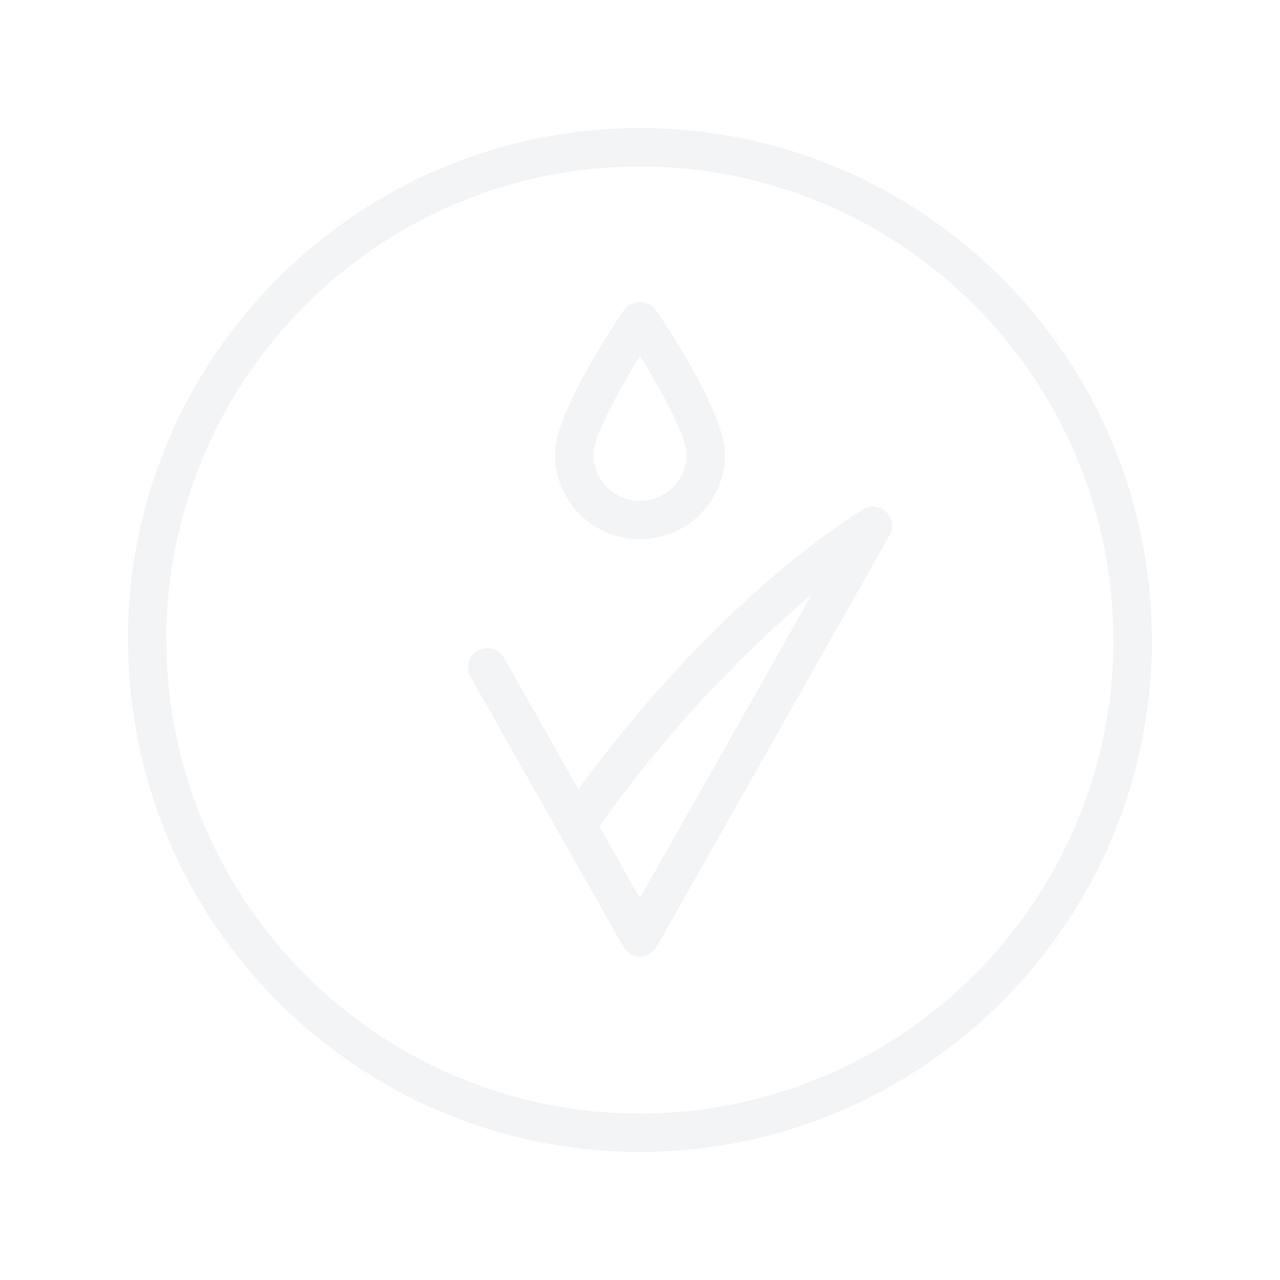 LA ROCHE-POSAY Rosaliac UV Riche Anti-Redness Moisturizer SPF15 40ml